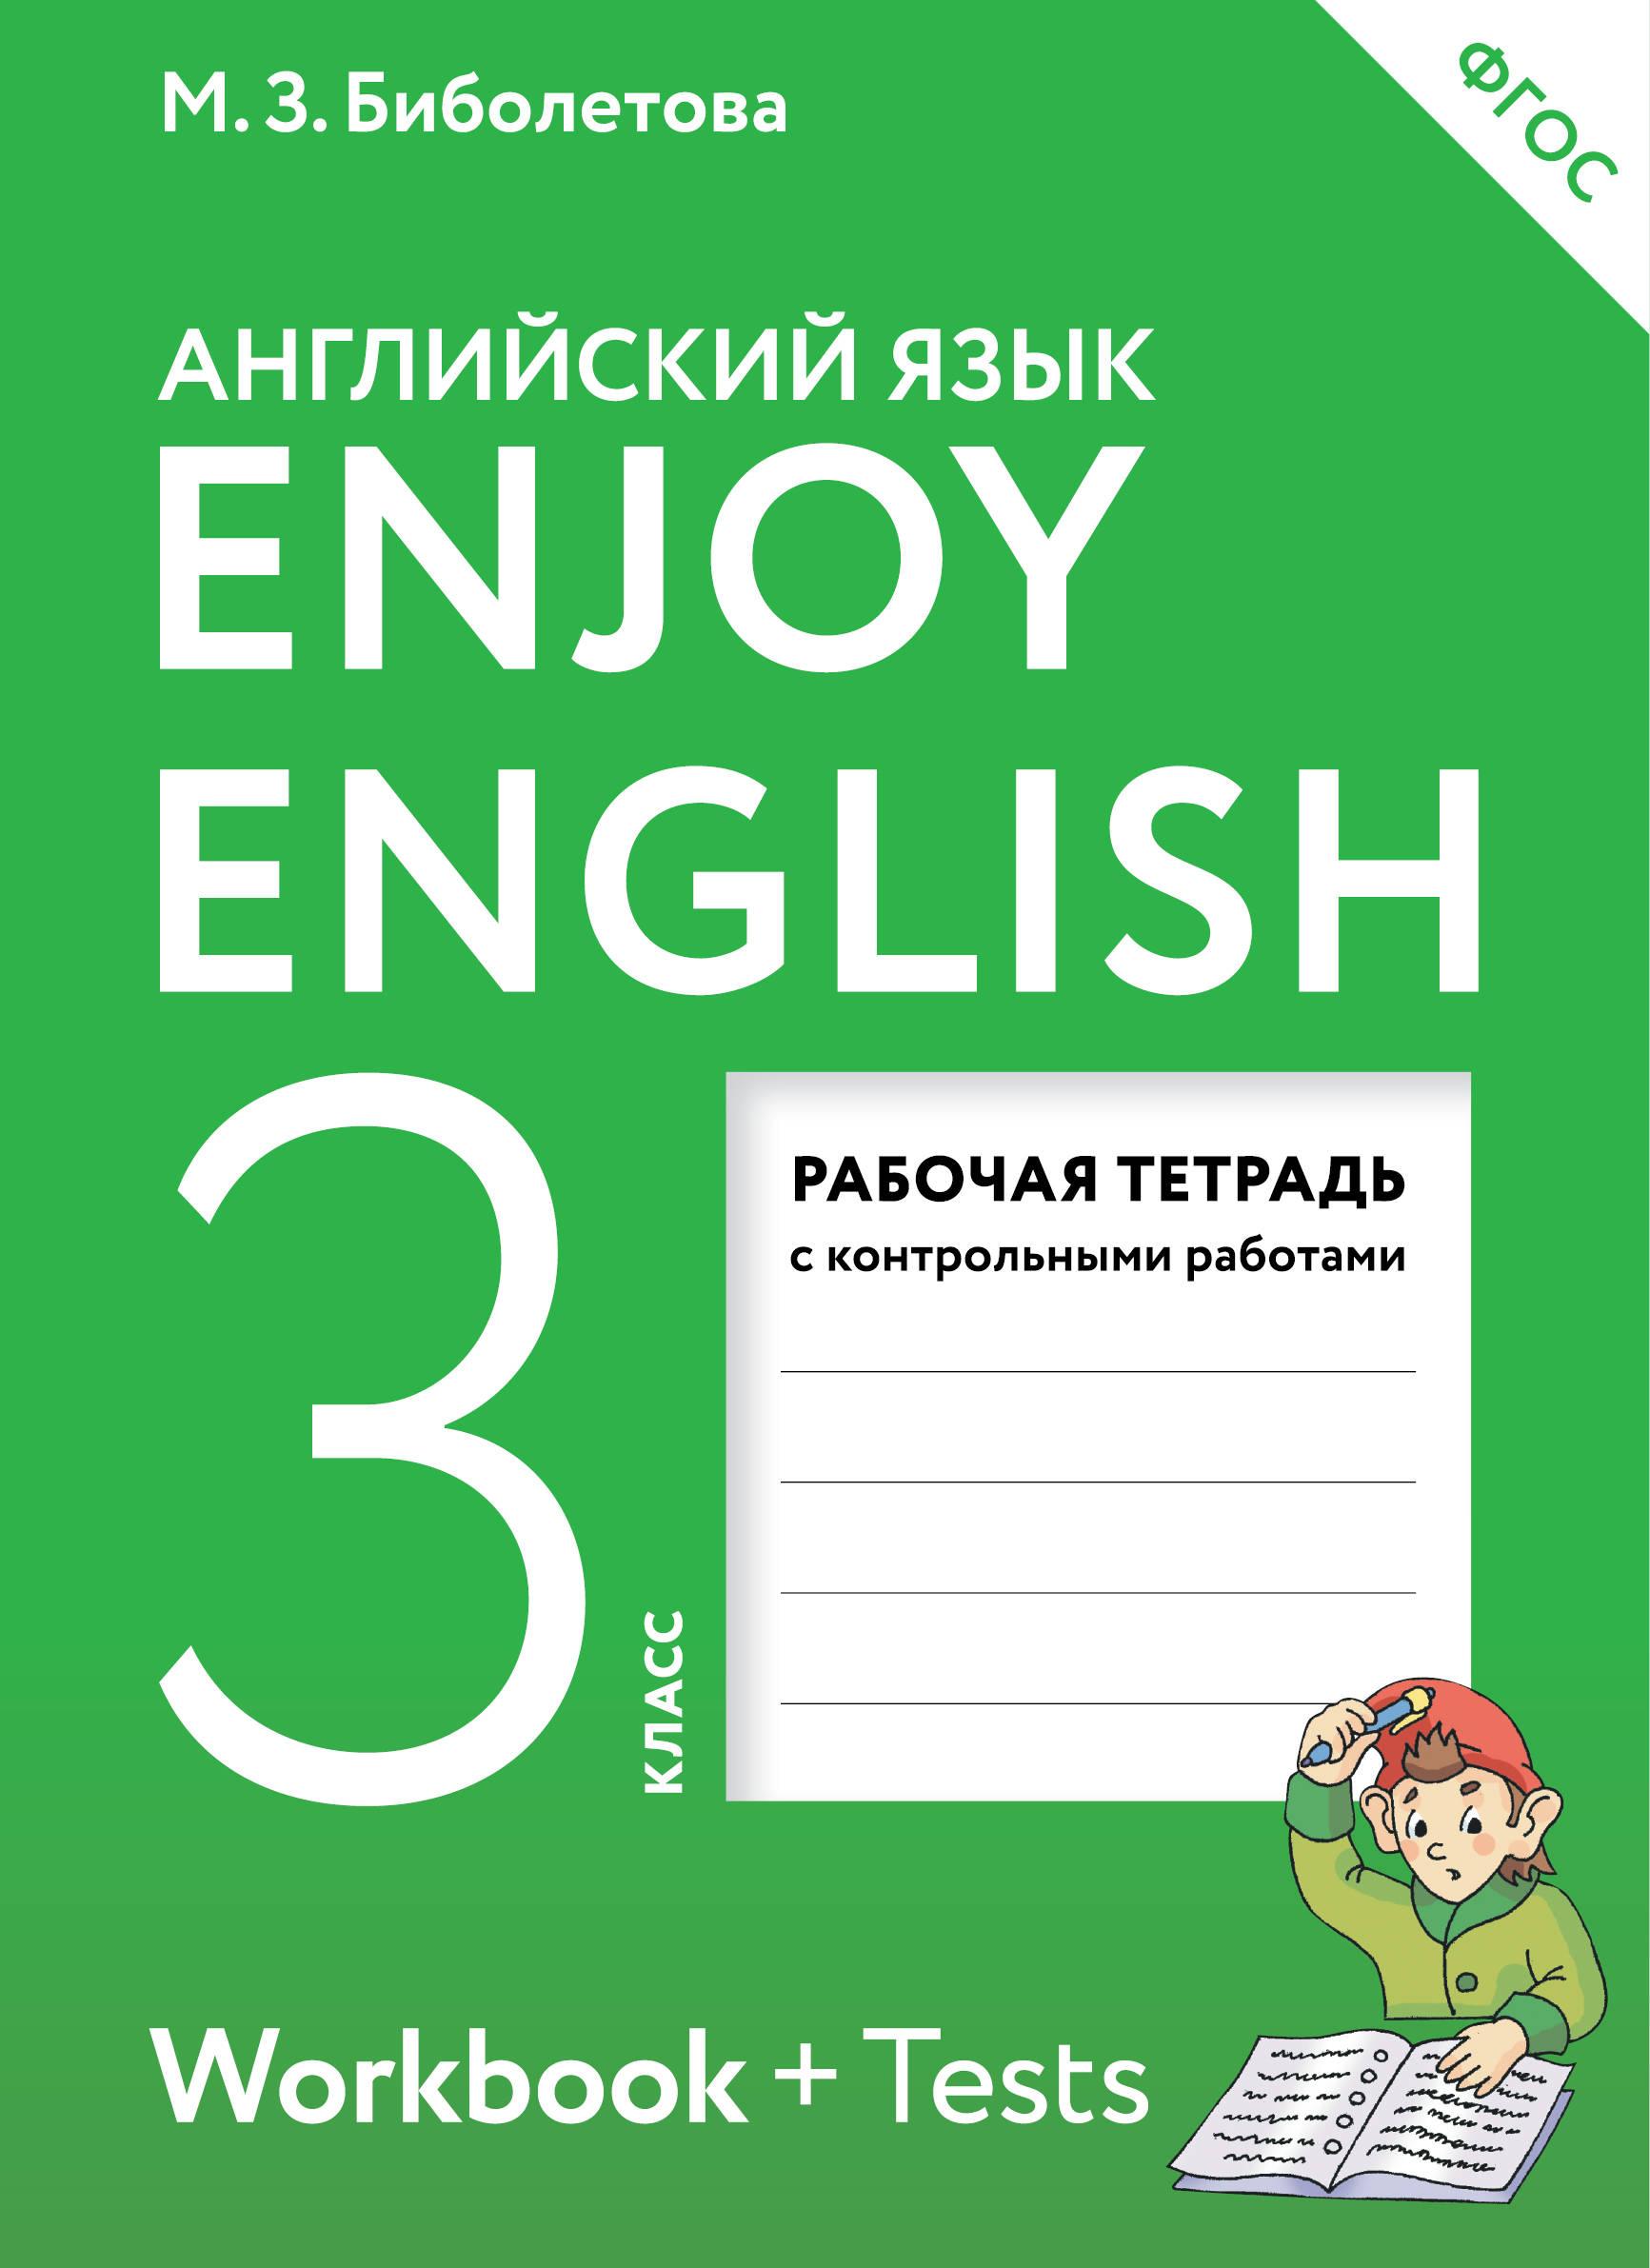 Enjoy English/Английский с удовольствием. 3 класс. Рабочая тетрадь, Биболетова Мерем Забатовна